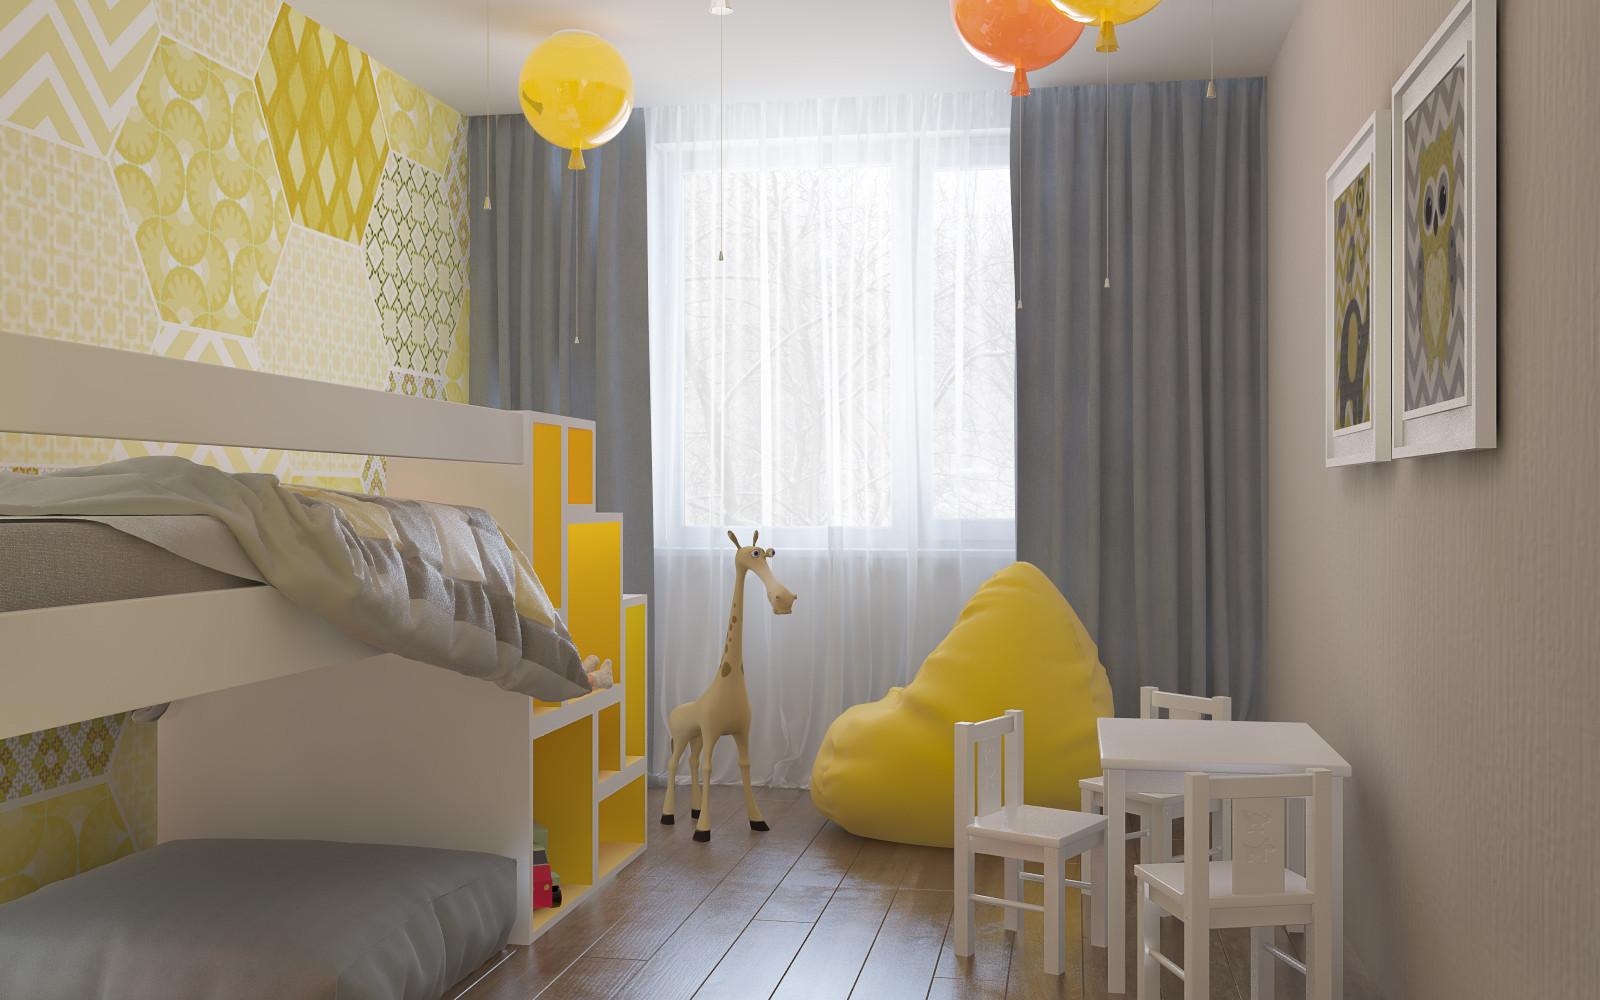 Яркие цвета стен в разных зонах визуально отделяют их друг от друга